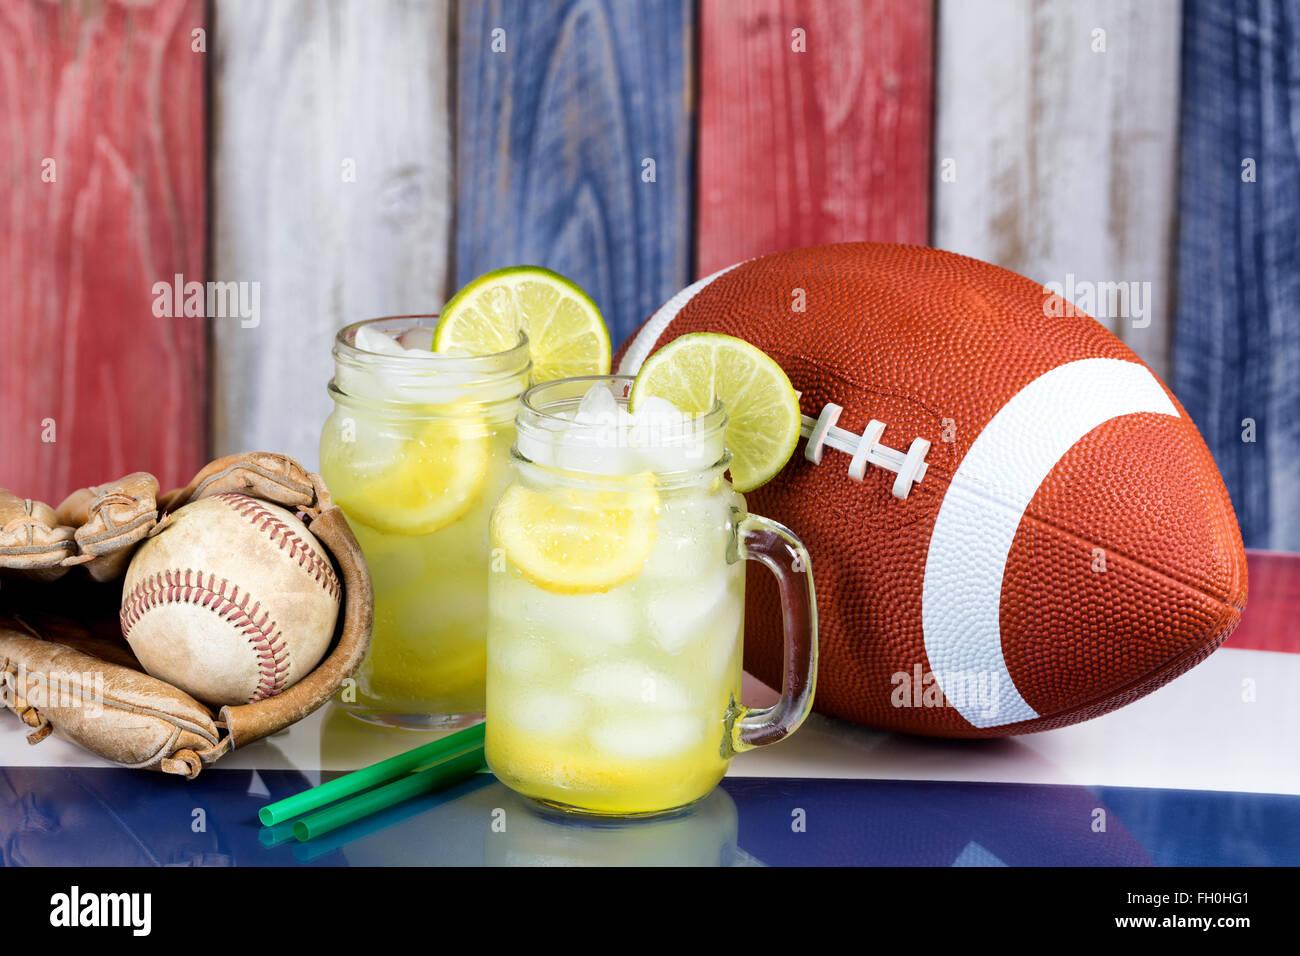 Verres pot rempli de limonade froide avec articles de sport. Les planches de bois décoloré peint en rouge, Photo Stock